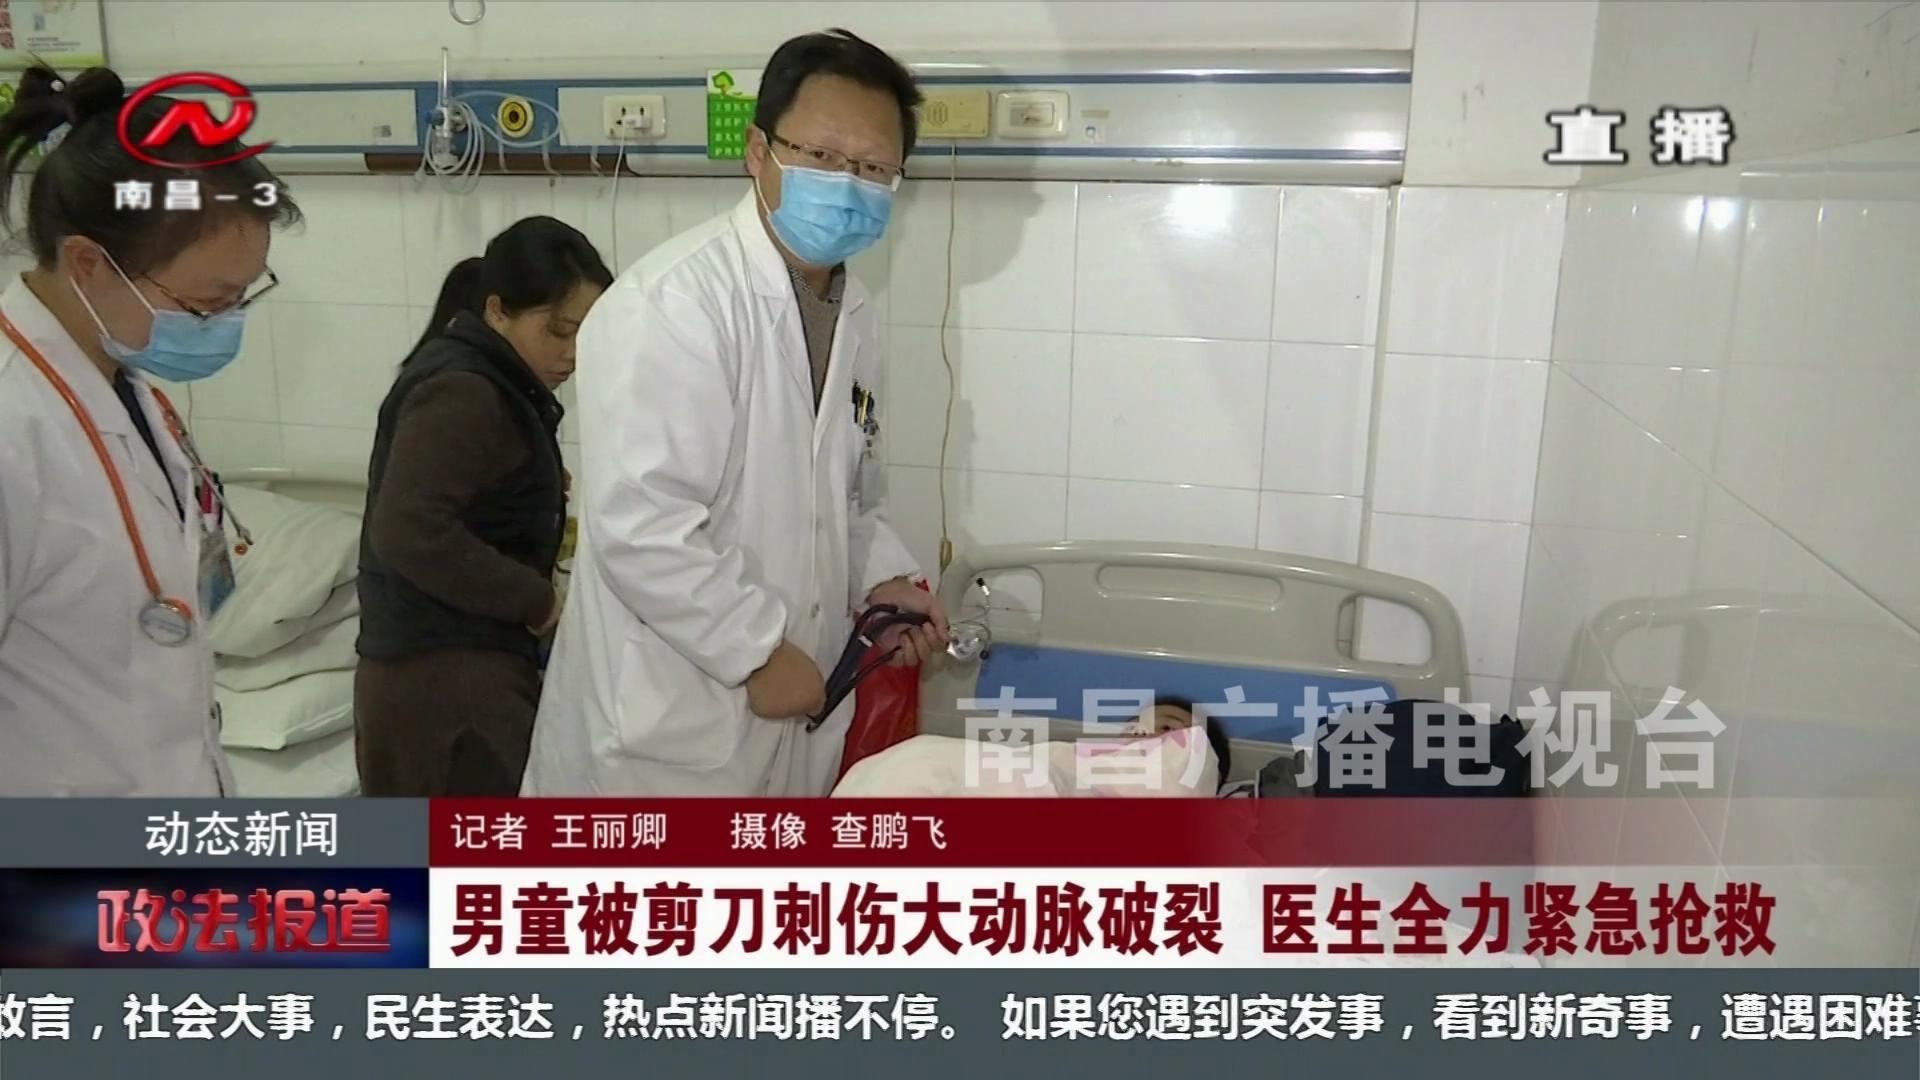 男童被剪刀刺傷大動脈破裂 醫生全力緊急搶救